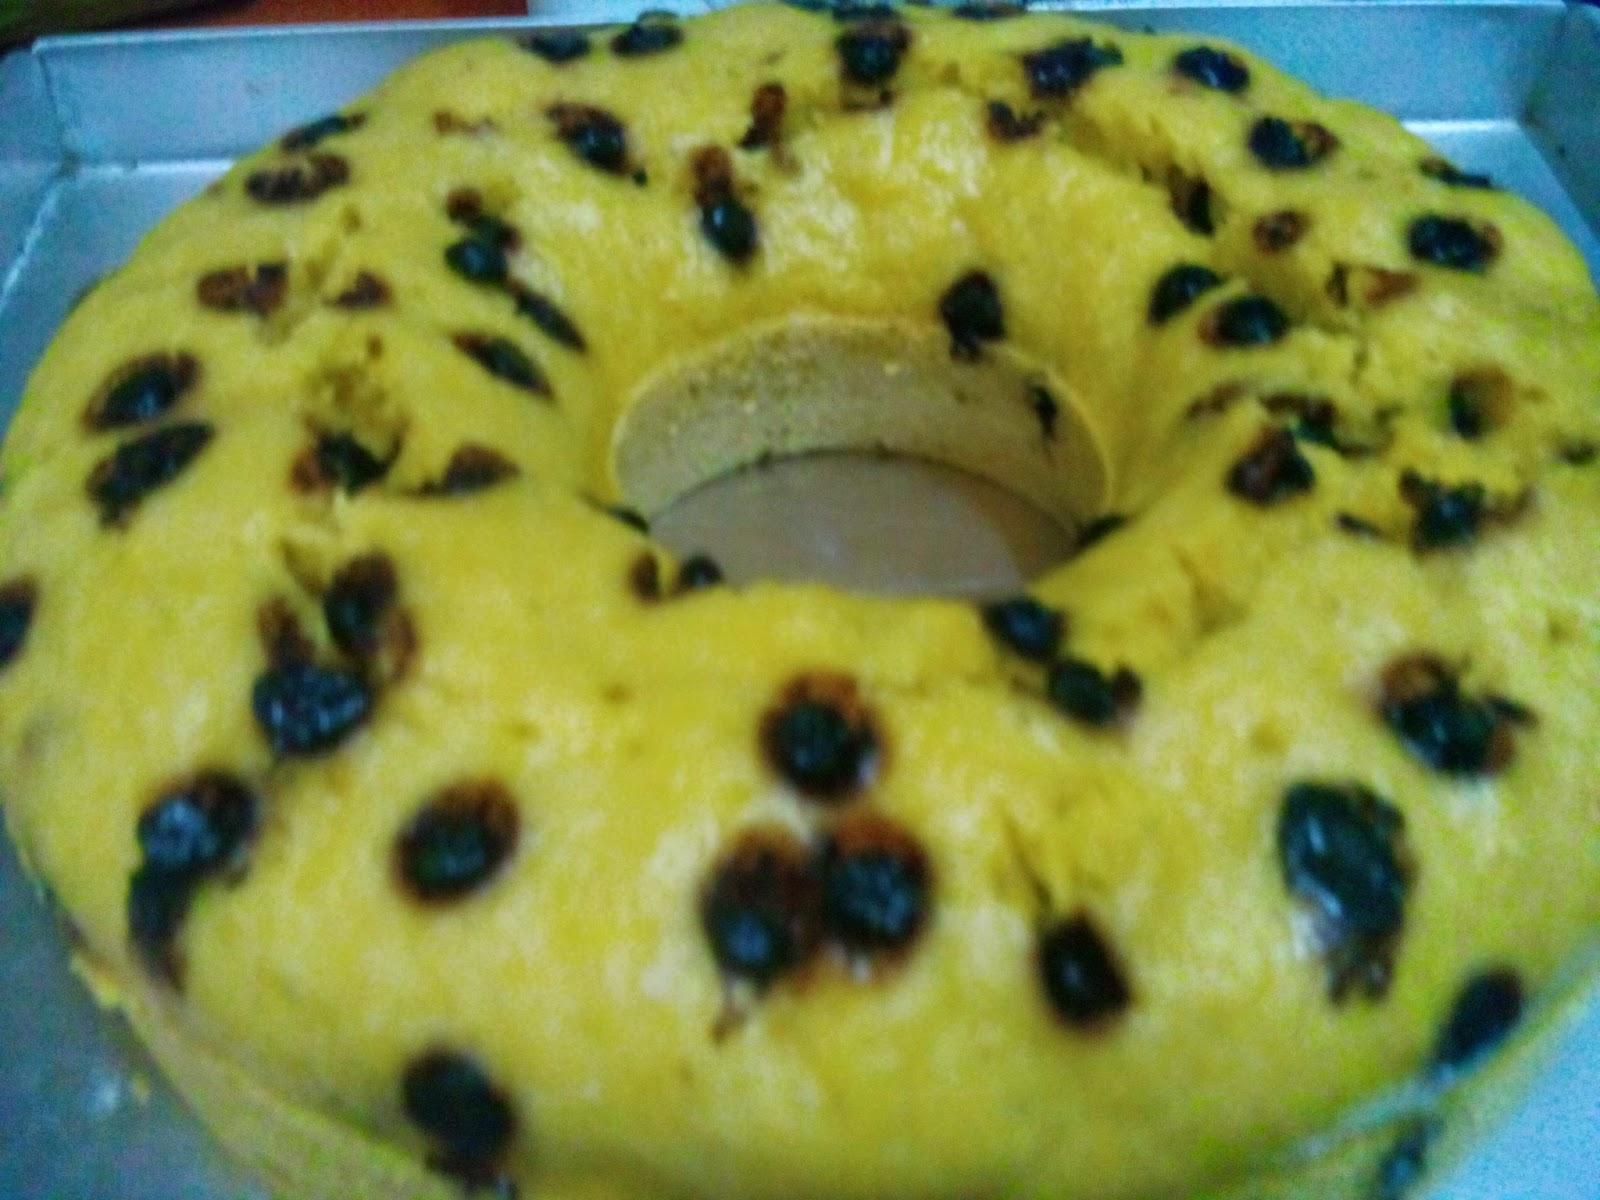 Resep cake pisang sederhana dan praktis